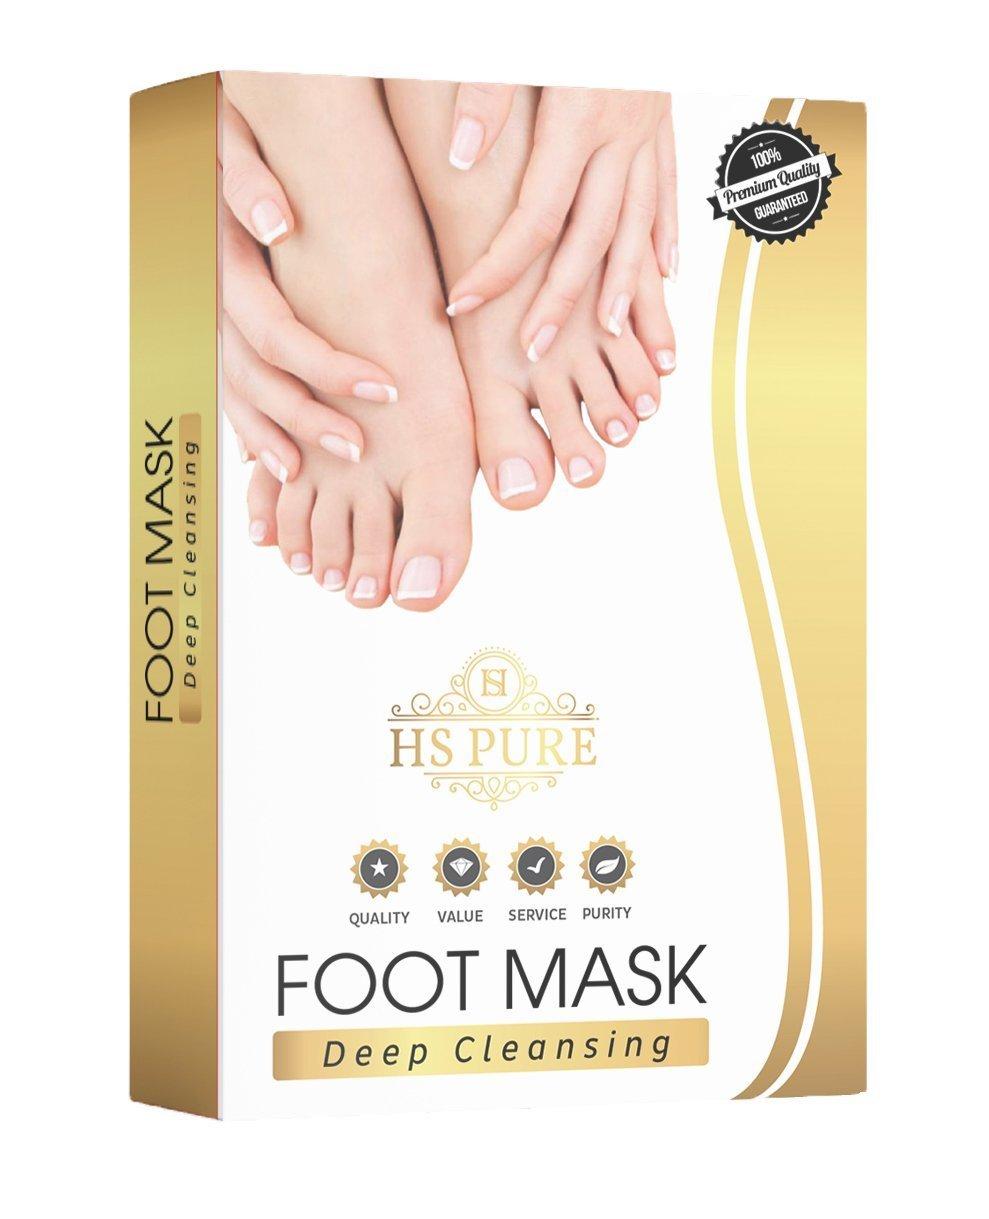 HS Pure Fuß-Peeling-Maske - Peeling zur Hornhautentfernung - Für babyzarte Füße (1 Paar) LTD.